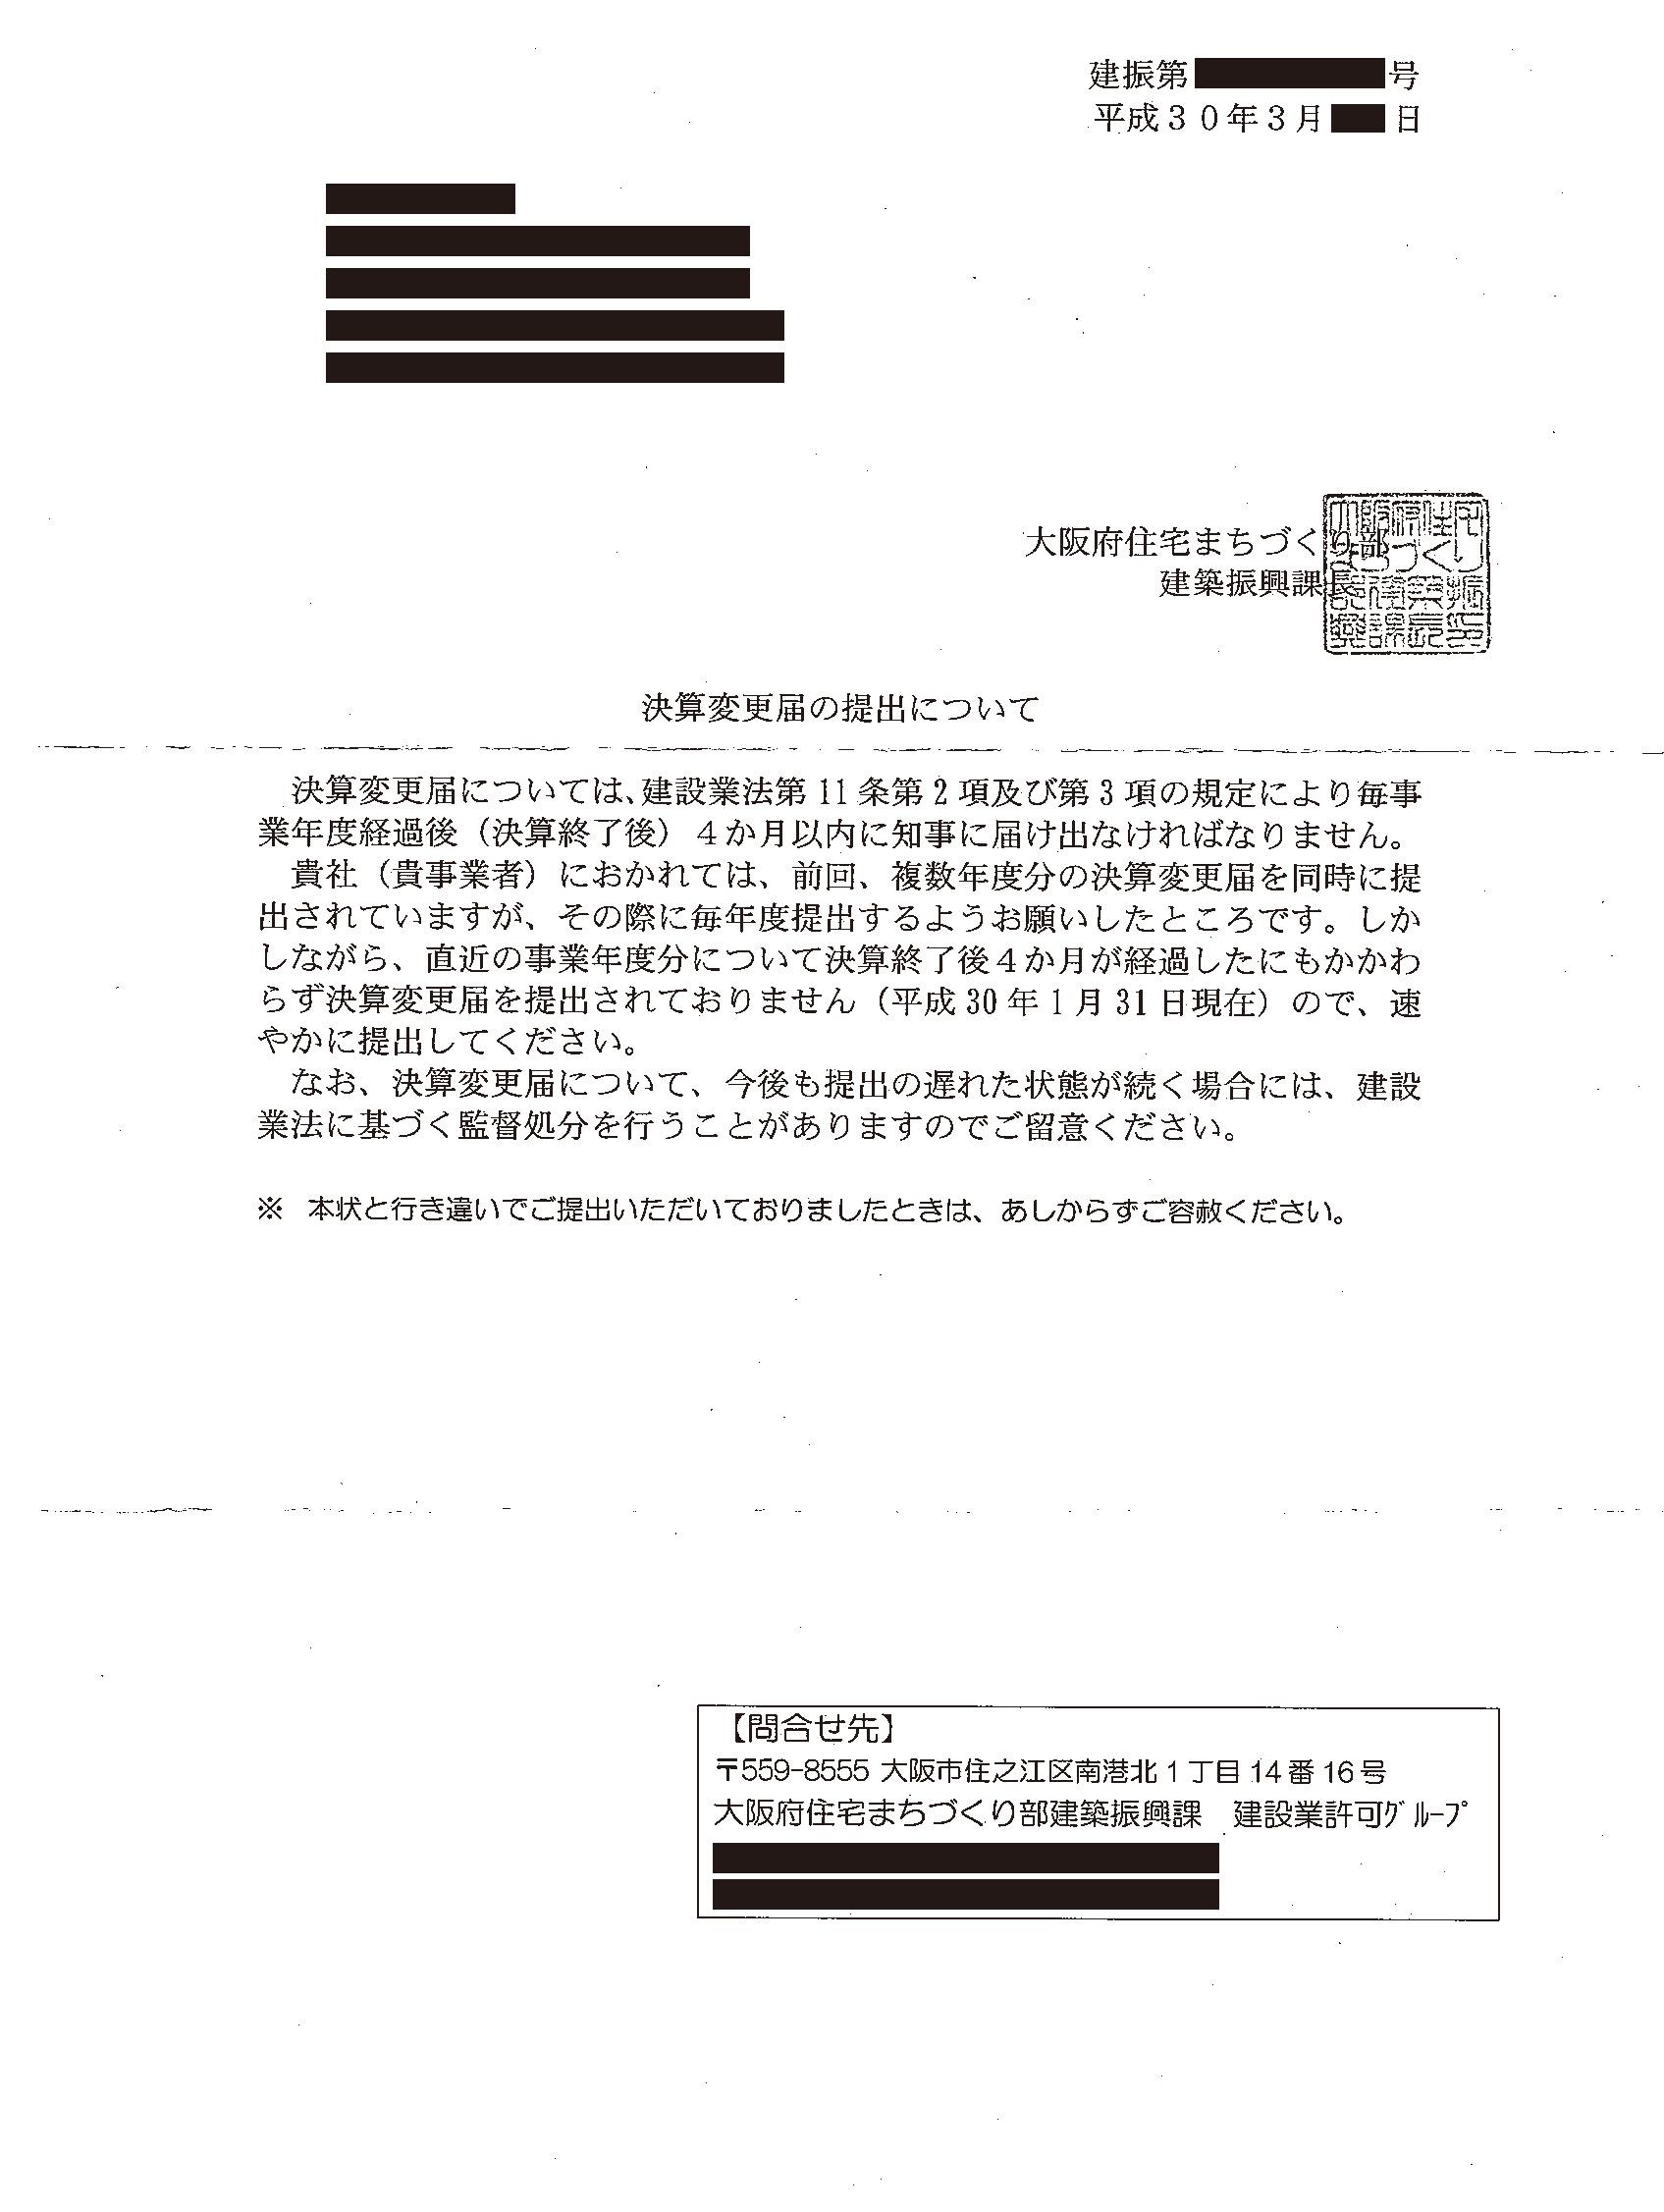 決算変更届未提出の警告(大阪府)